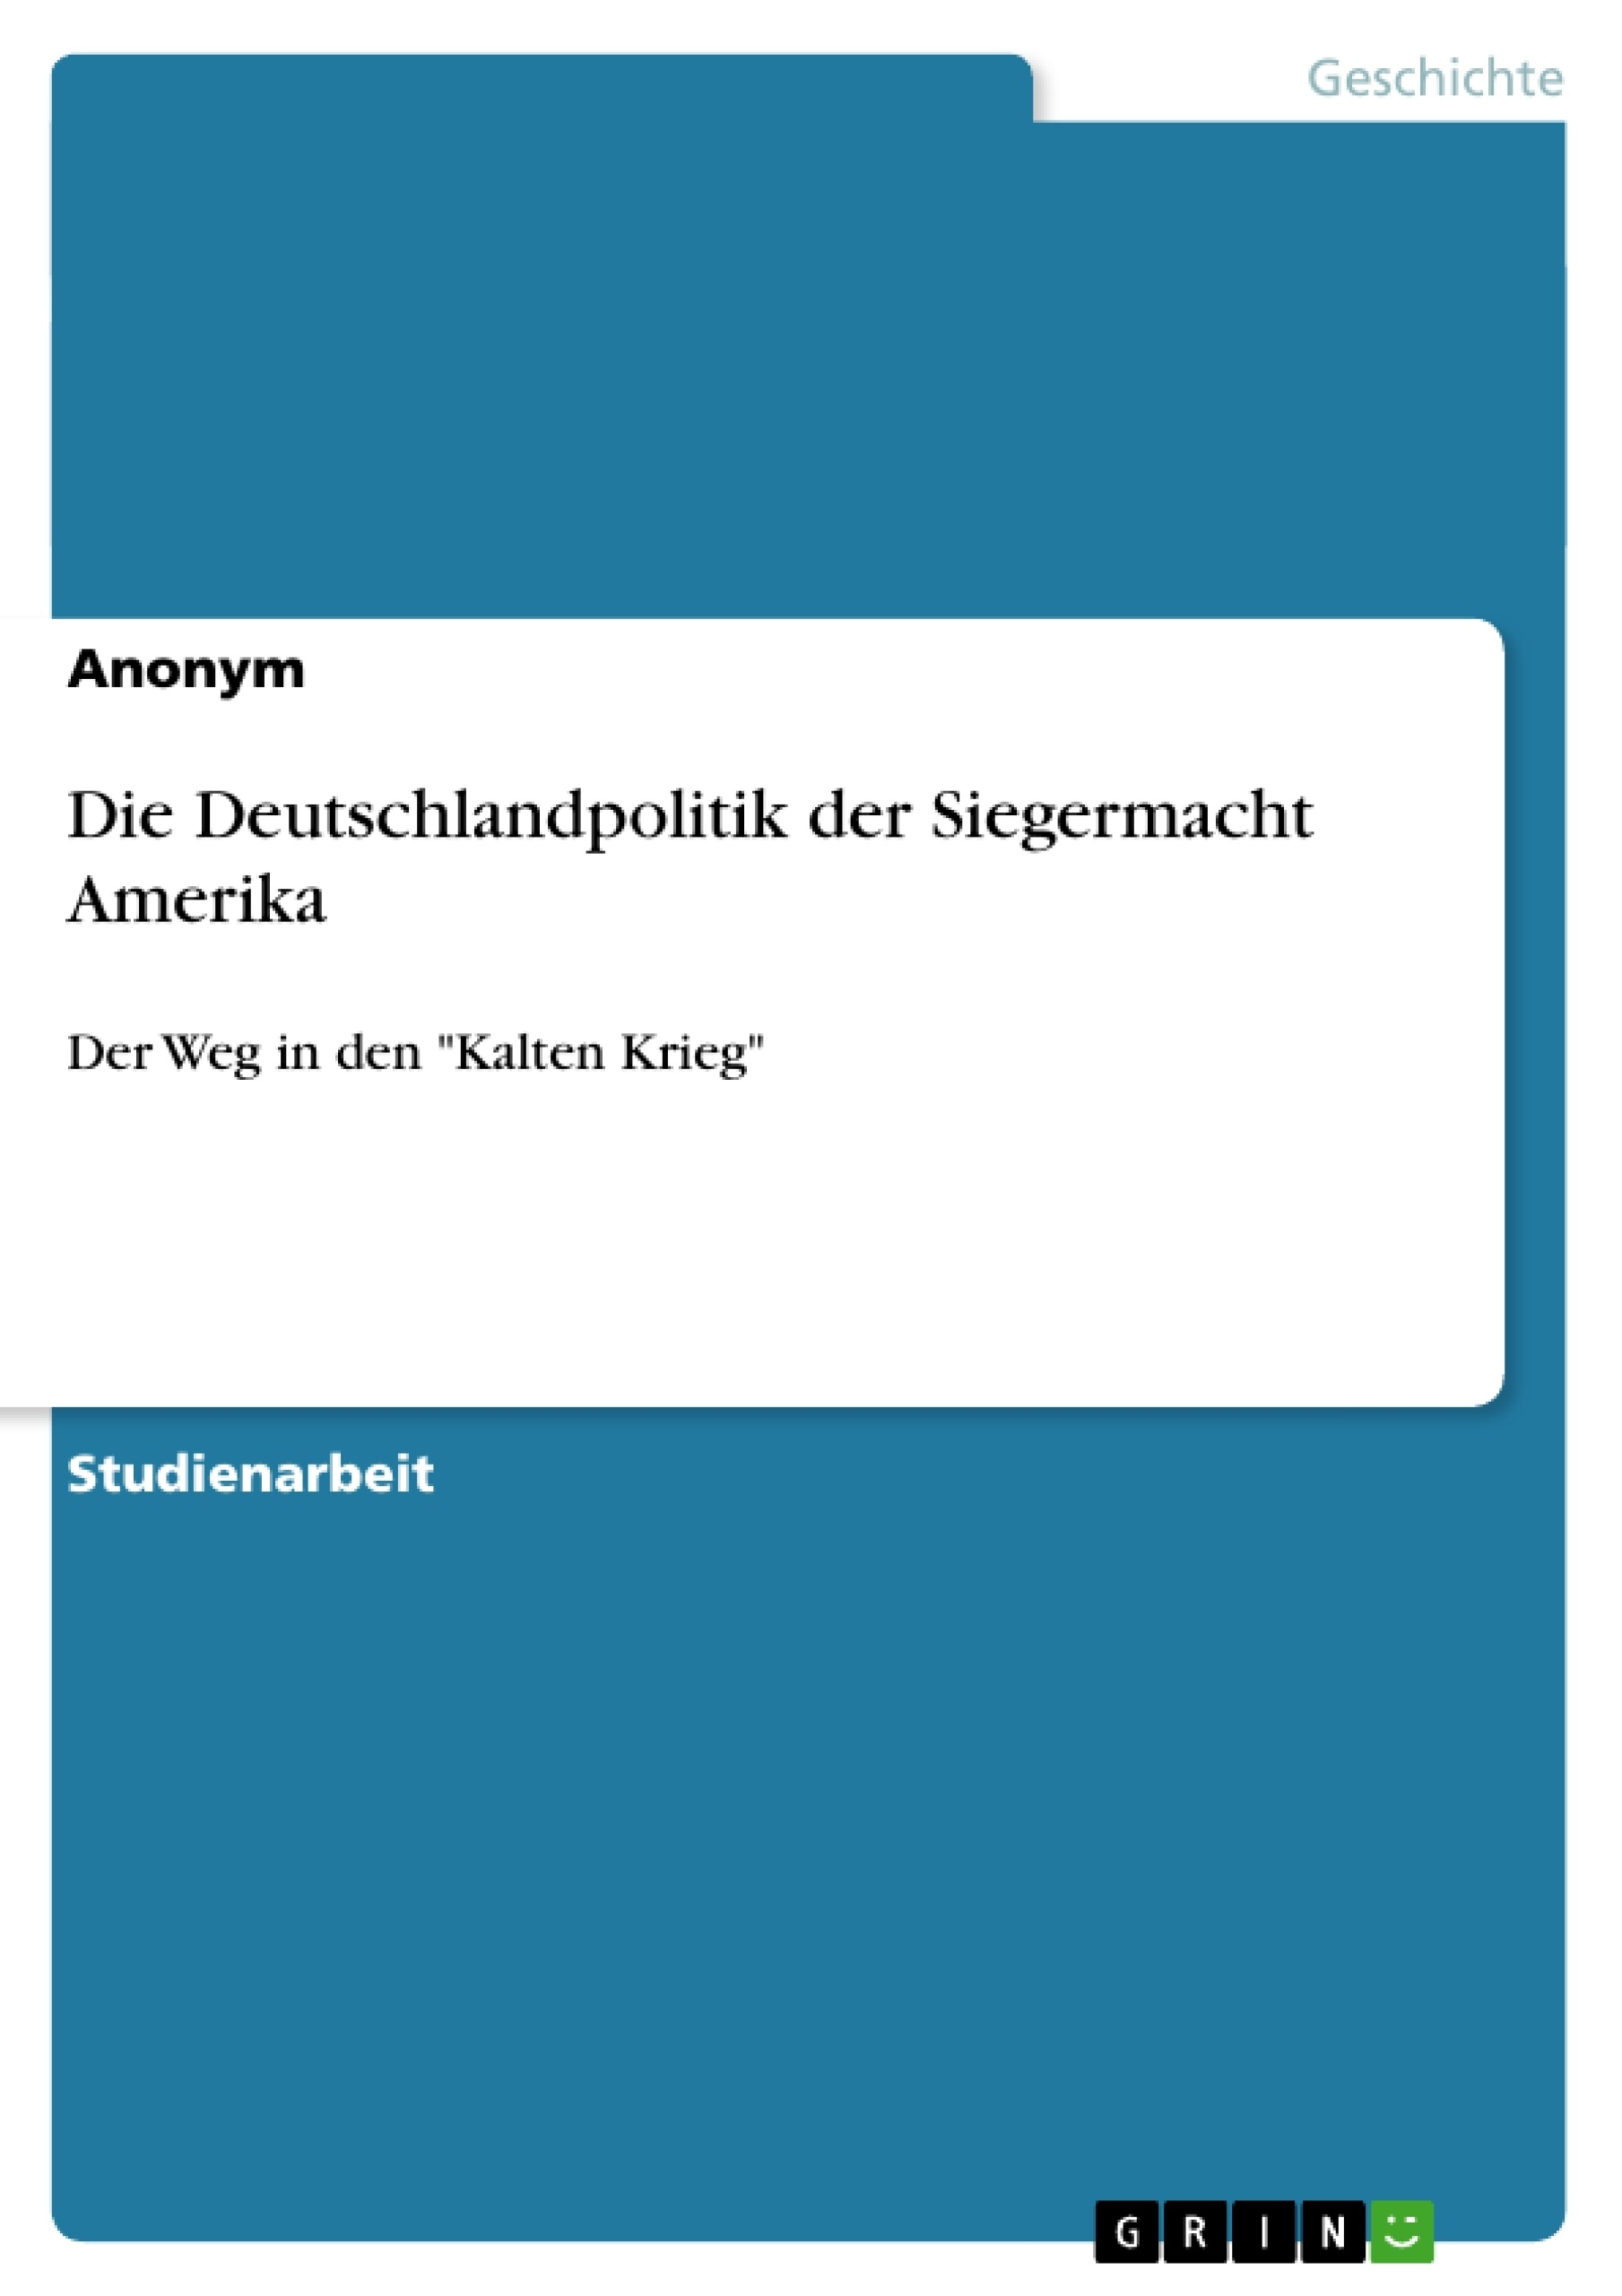 Titel: Die Deutschlandpolitik der Siegermacht Amerika